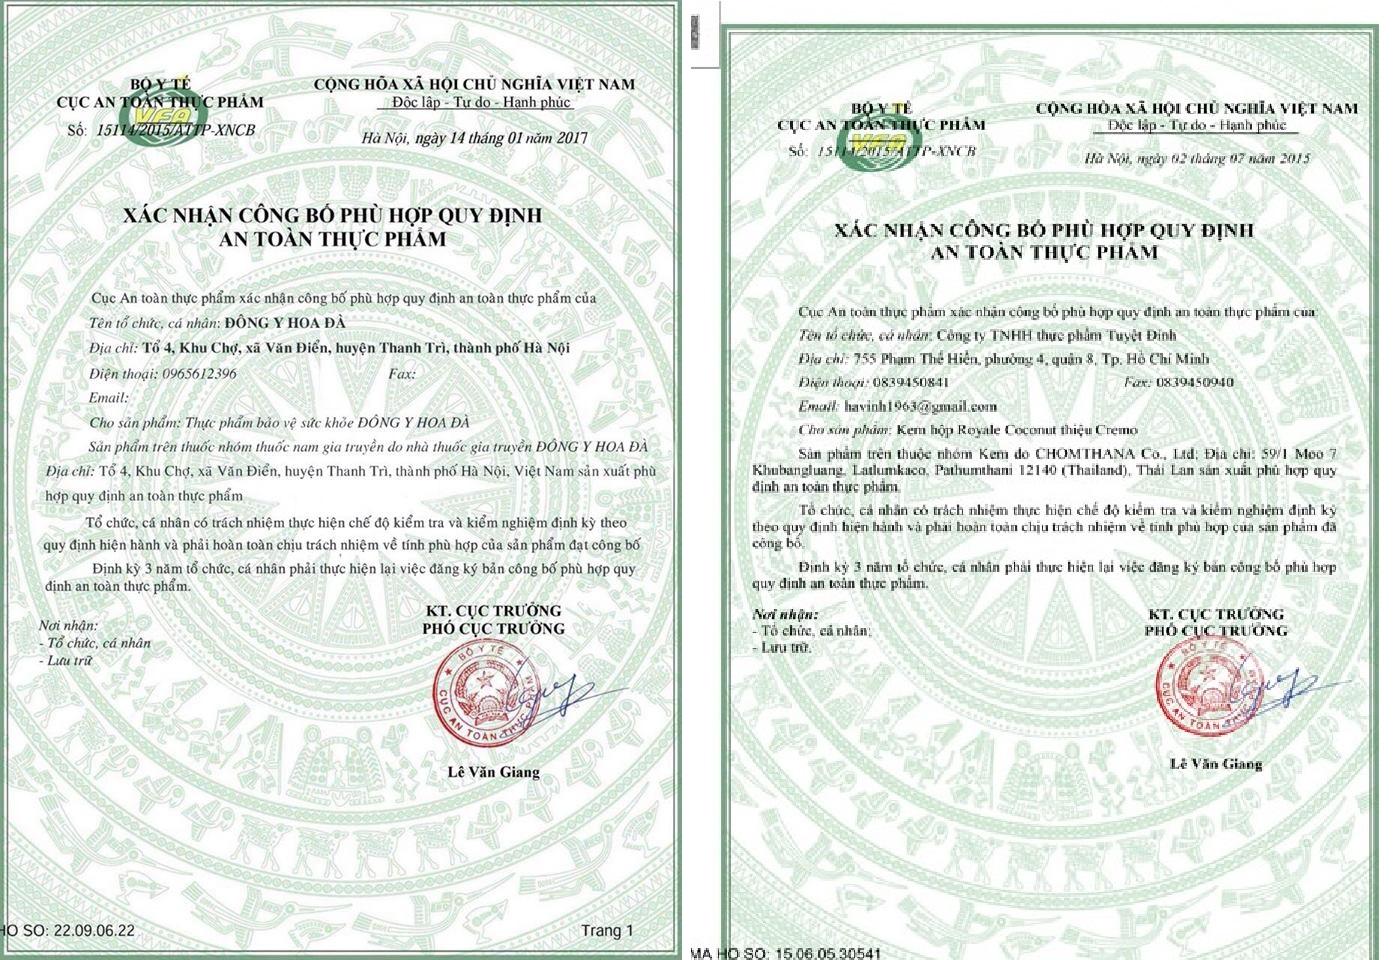 Bài 1: Đông Y Hoa Đà làm giả giấy xác nhận ATTP để lừa người tiêu dùng? - Ảnh 1